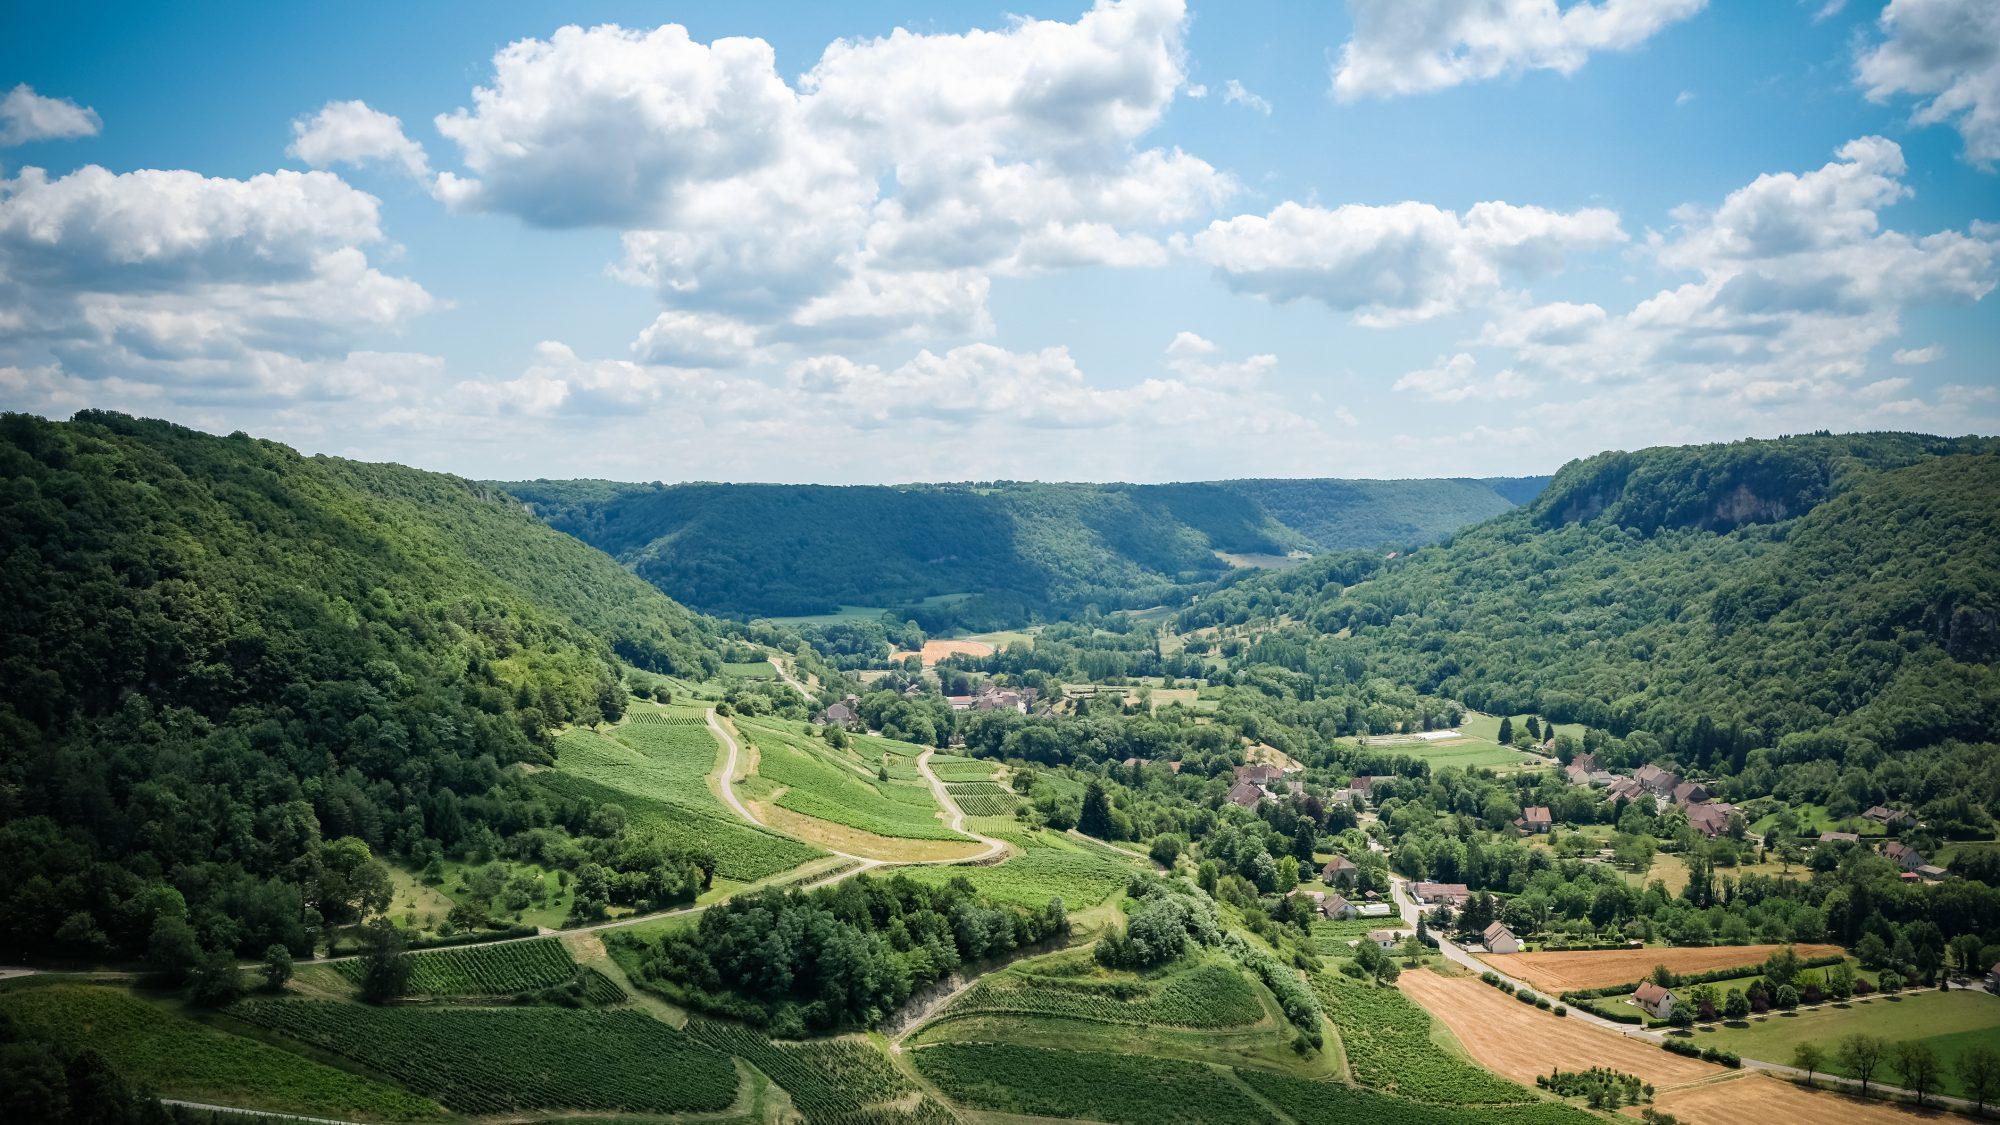 Vue sur les coteaux jurassiens - Château-Chalon, Jura